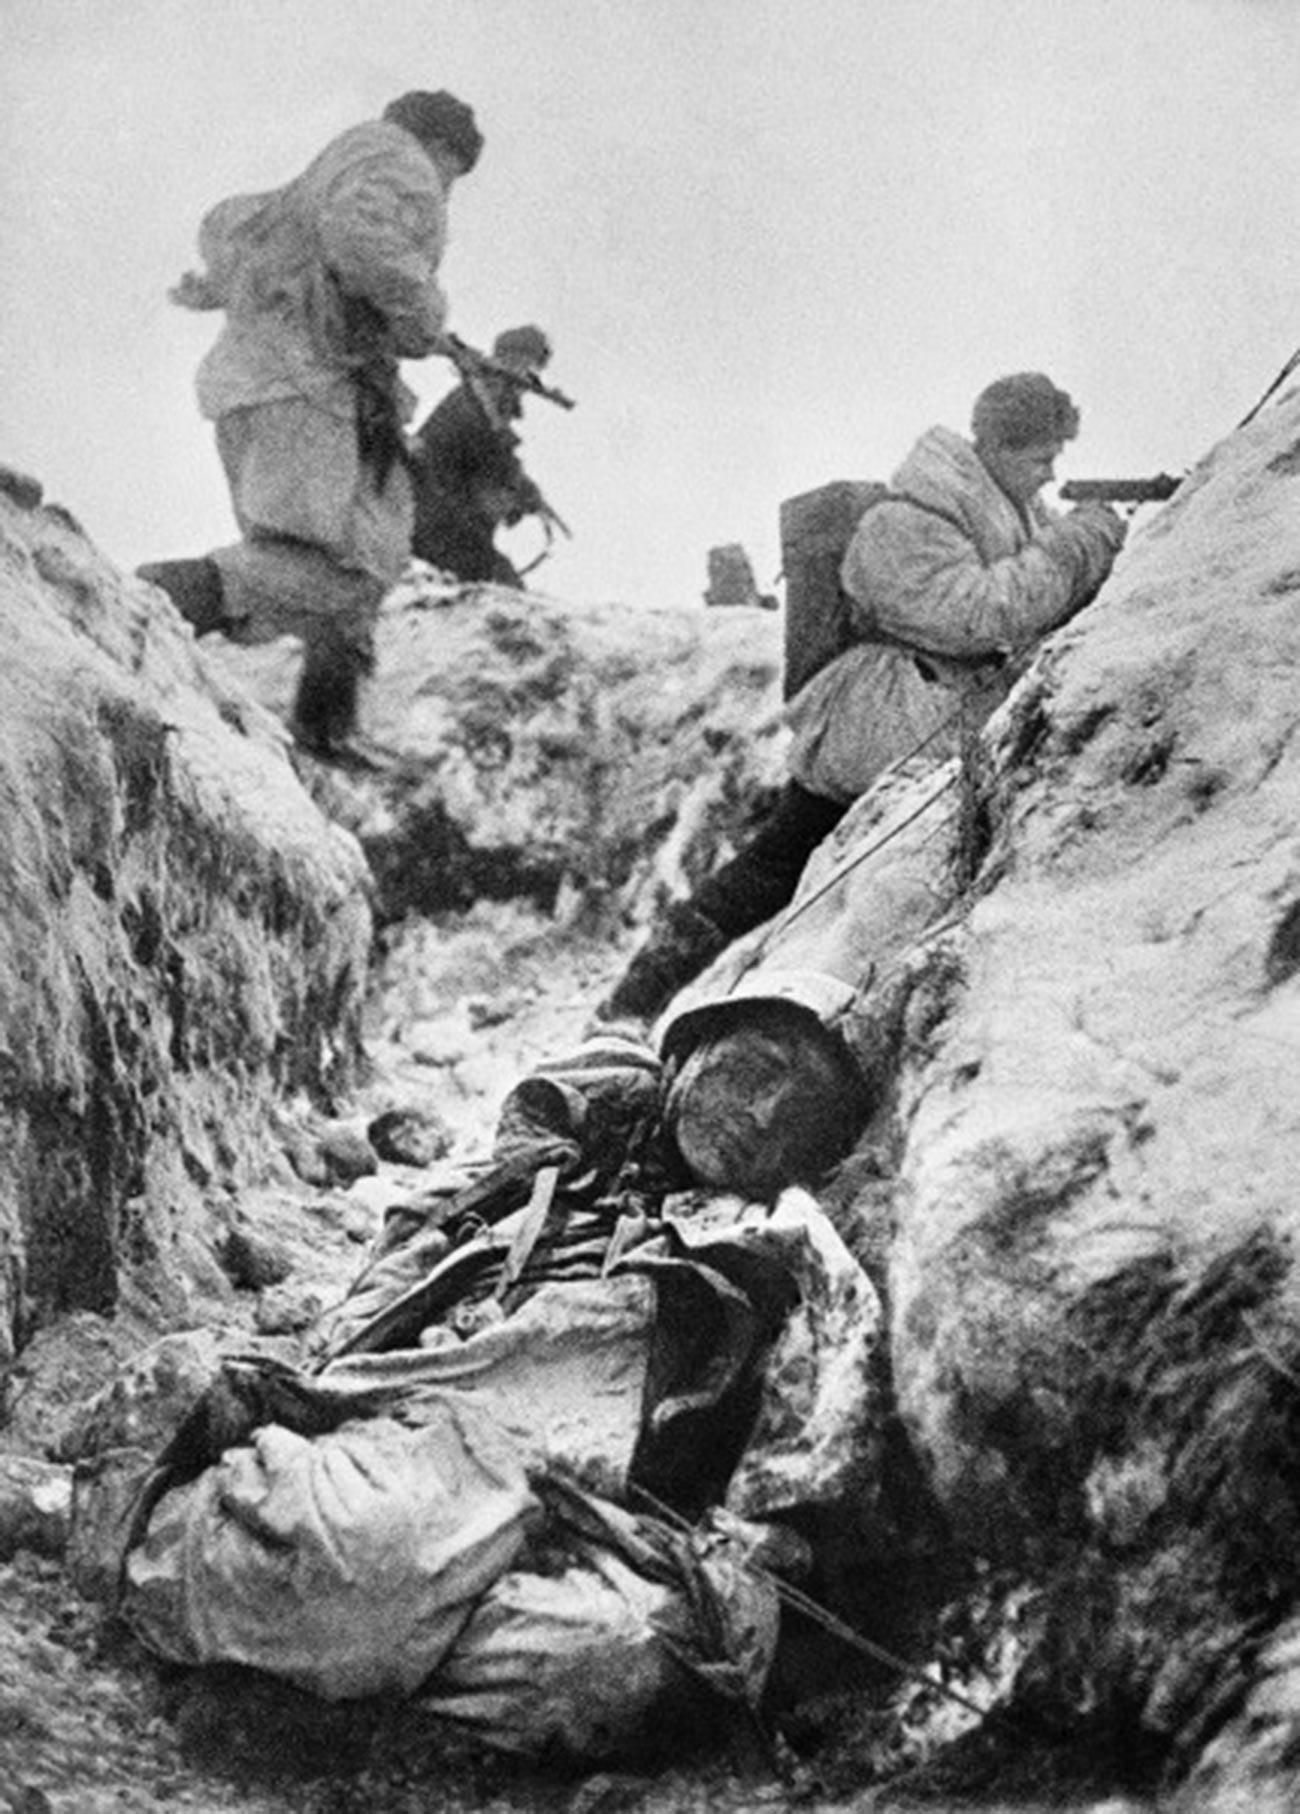 Début de l'offensive sur le front de Léningrad, 1943